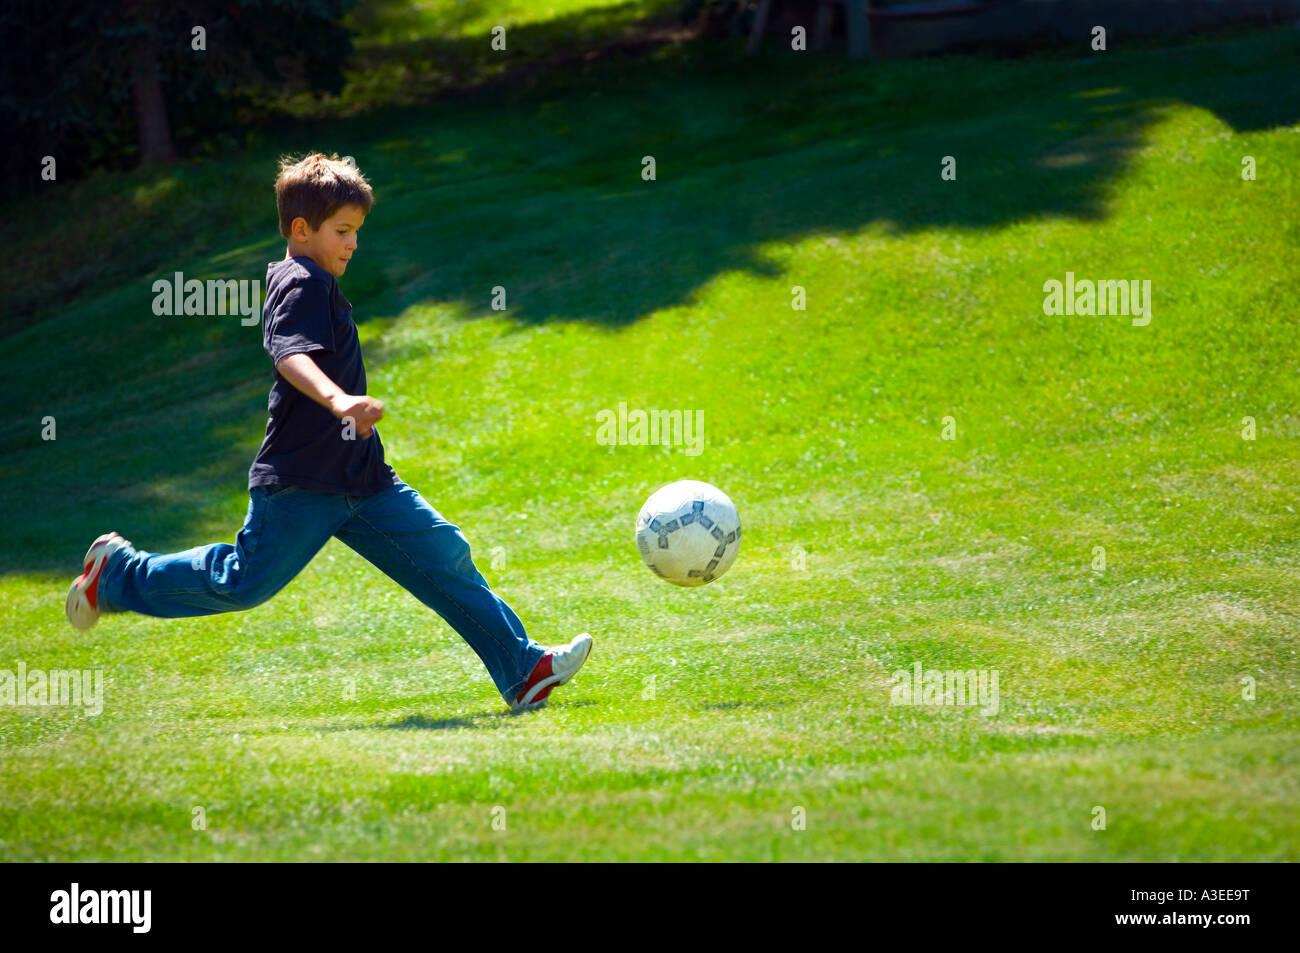 Nino Jugando Futbol Foto Imagen De Stock 10761299 Alamy